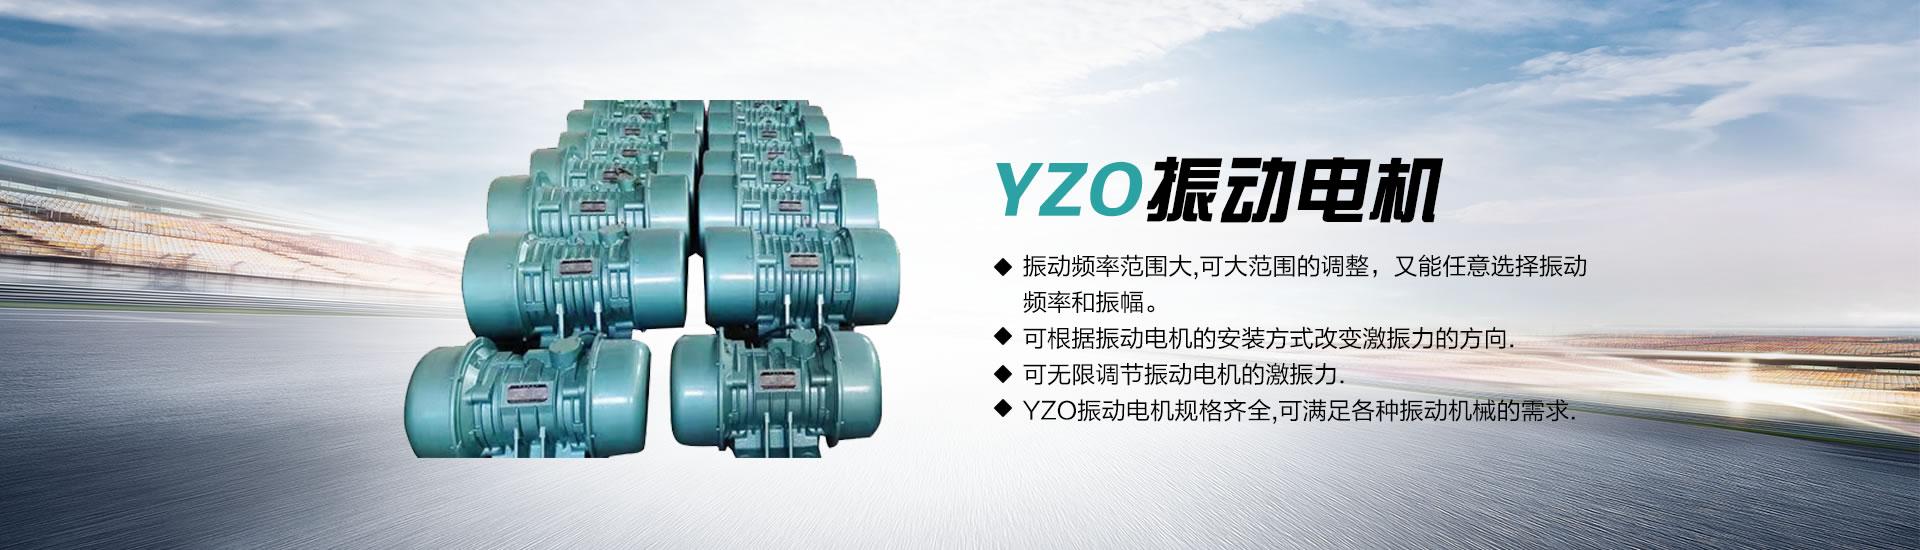 上海强振YZO振动电机